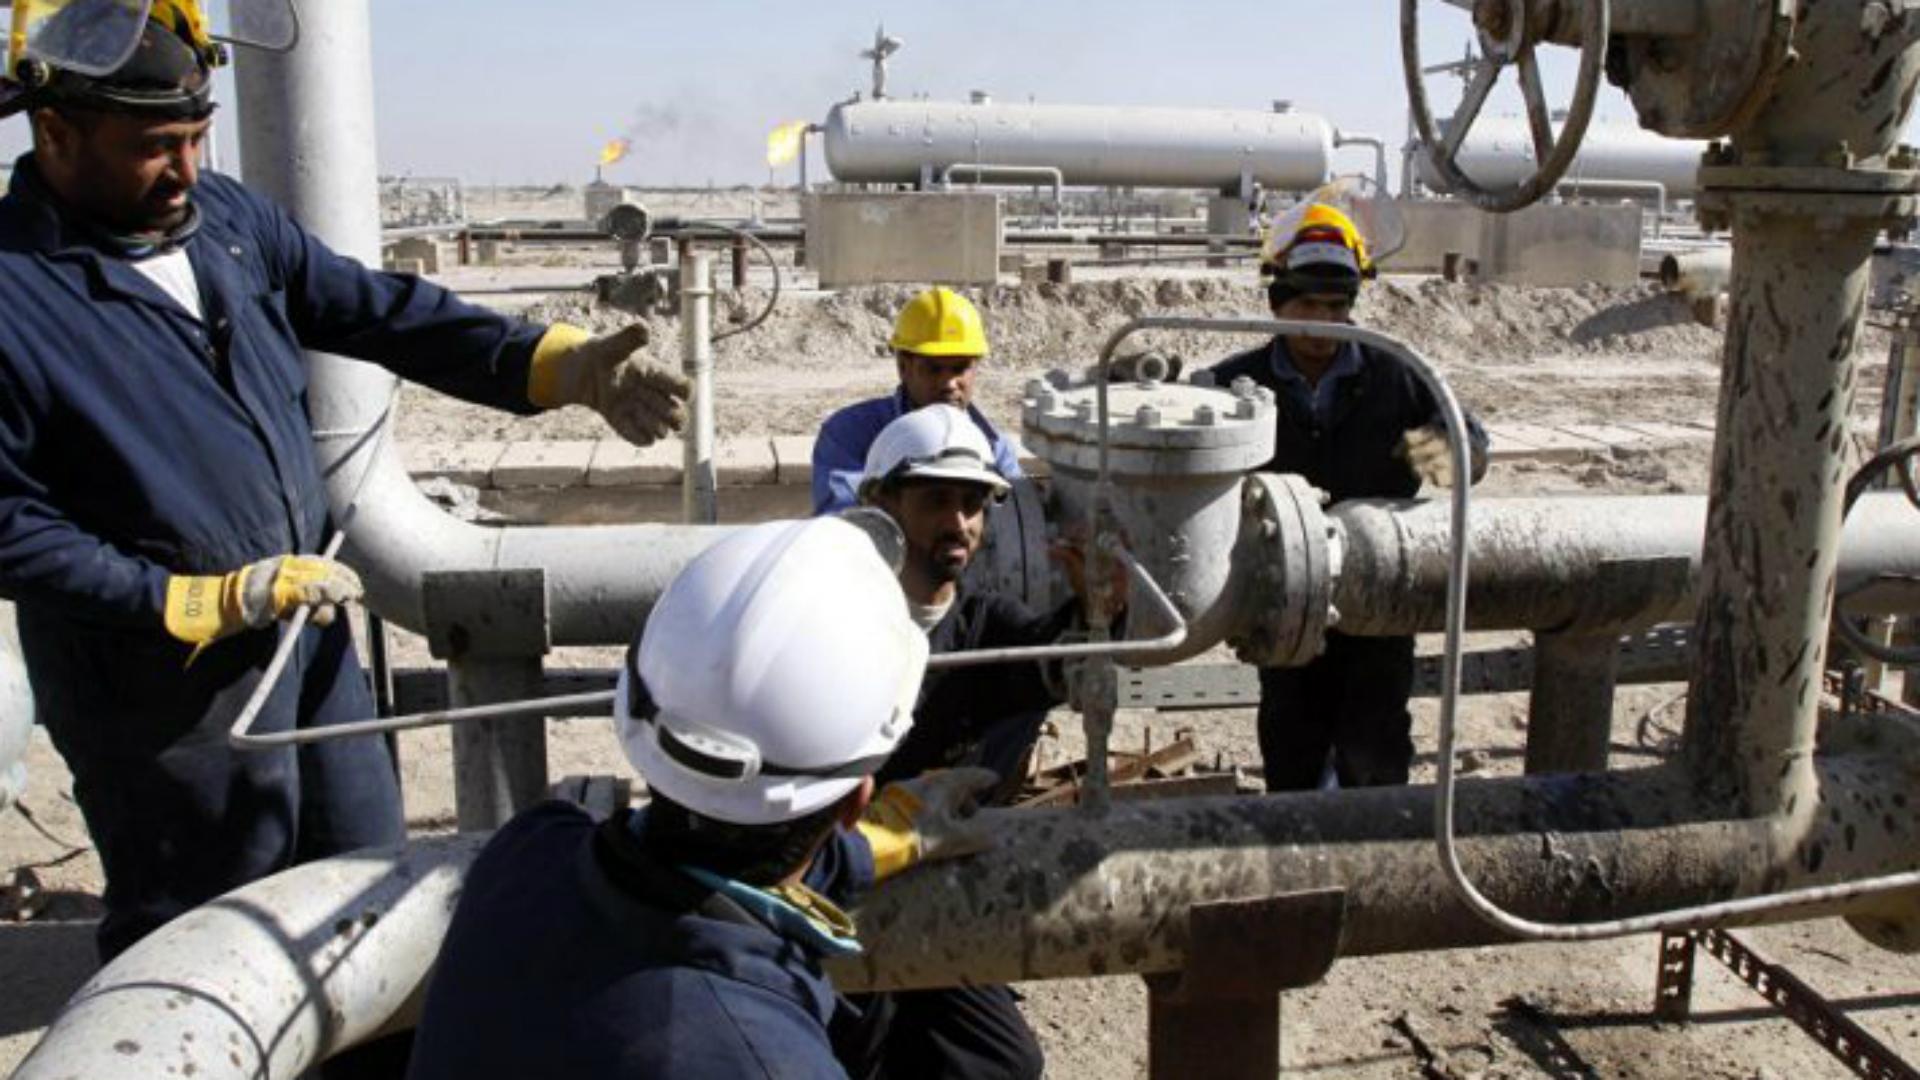 شركة صينية تفرض على عاملين عراقيين حجراً بلا أجور